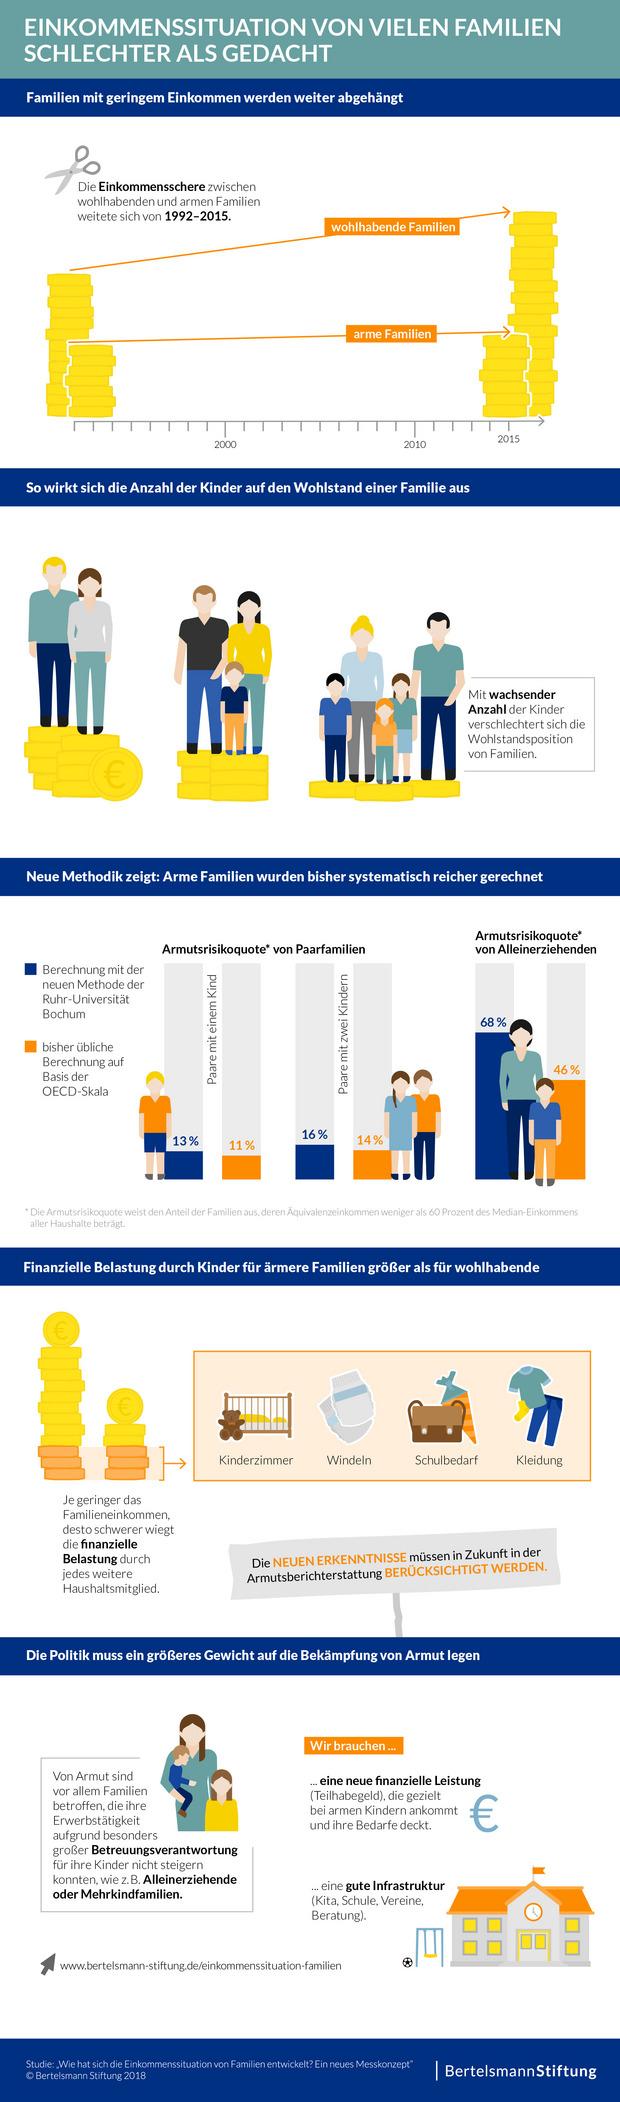 Die Infografik fasst die Ergebnisse unserer Studie zur Einkommenssituation von Familien zusammen. Sie zeigt, dass mit der Zahl der Kinder das Familieneinkommen sinkt und und insbesondere Alleinerziehende stärker von Armut bedroht sind als bislang bekannt.